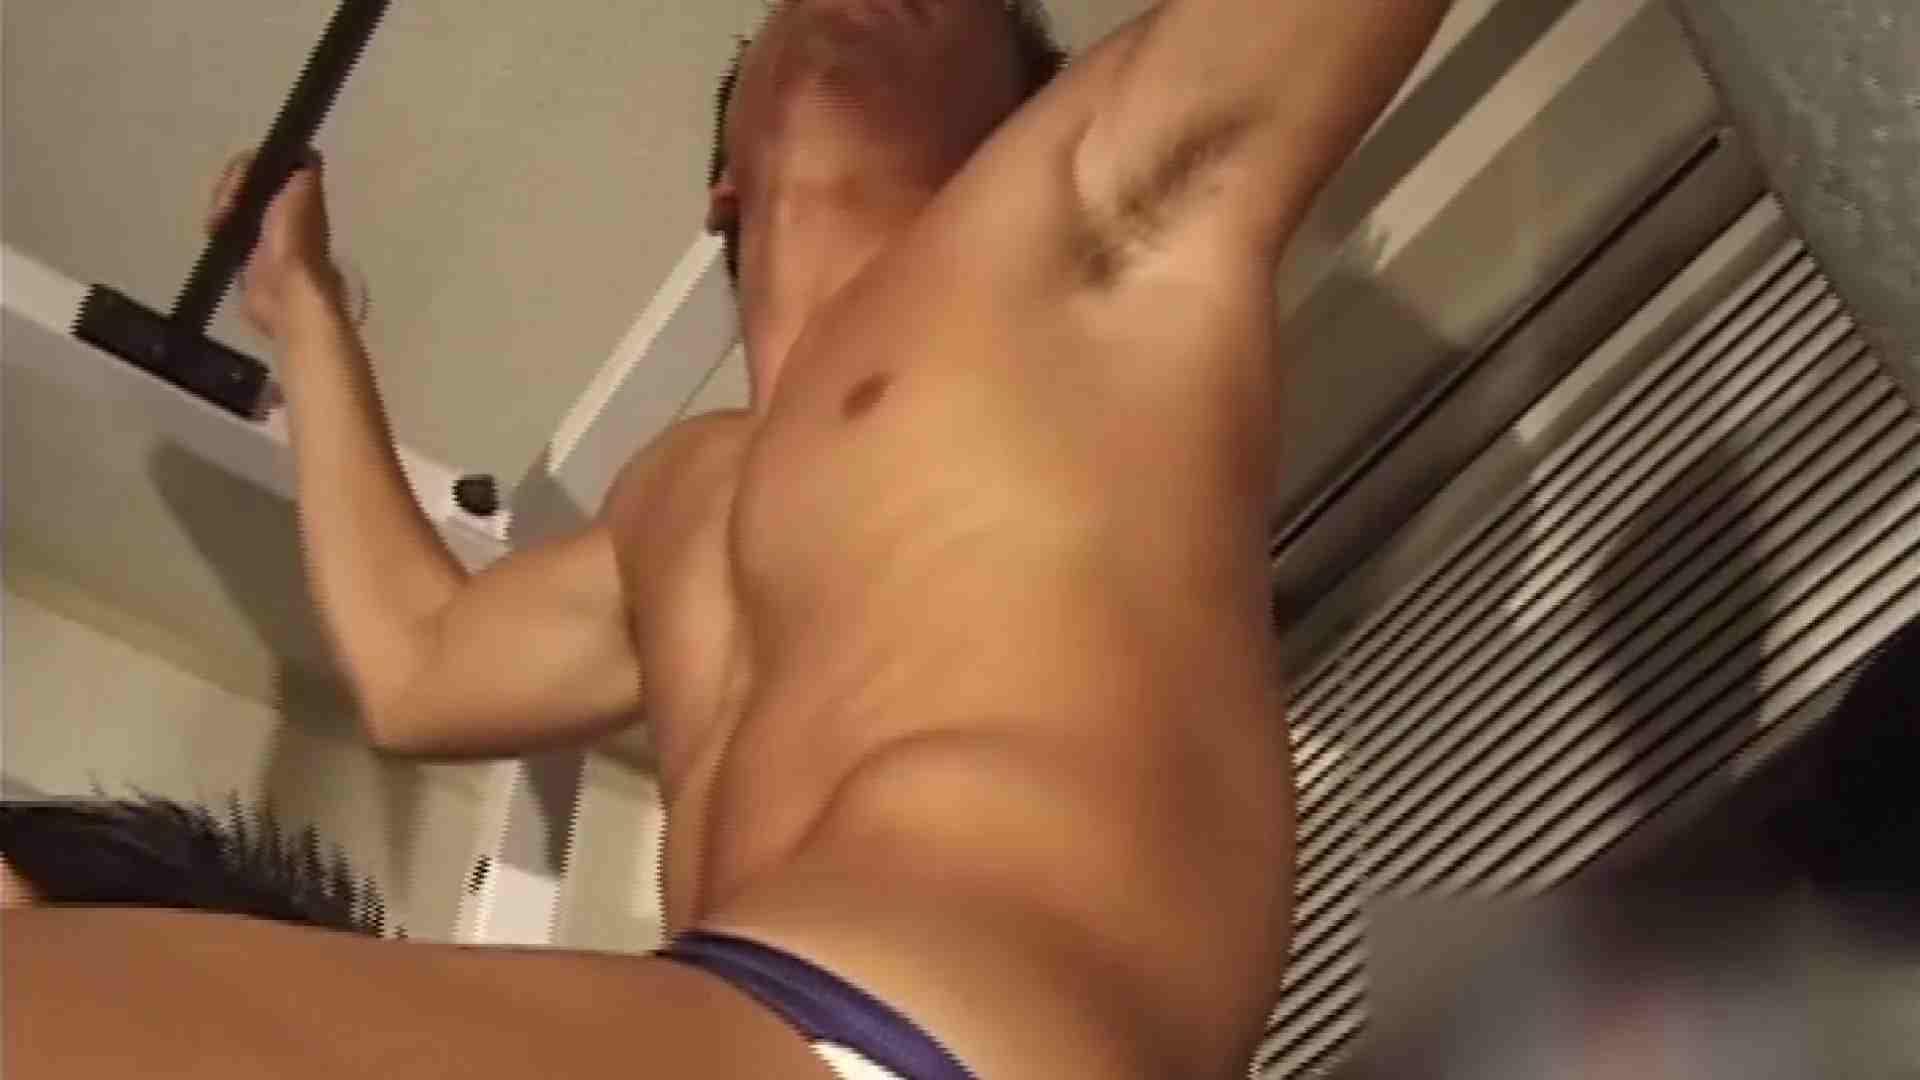 珍肉も筋肉の内!!vol.3 悶絶メンズ ゲイ無修正動画画像 99画像 34